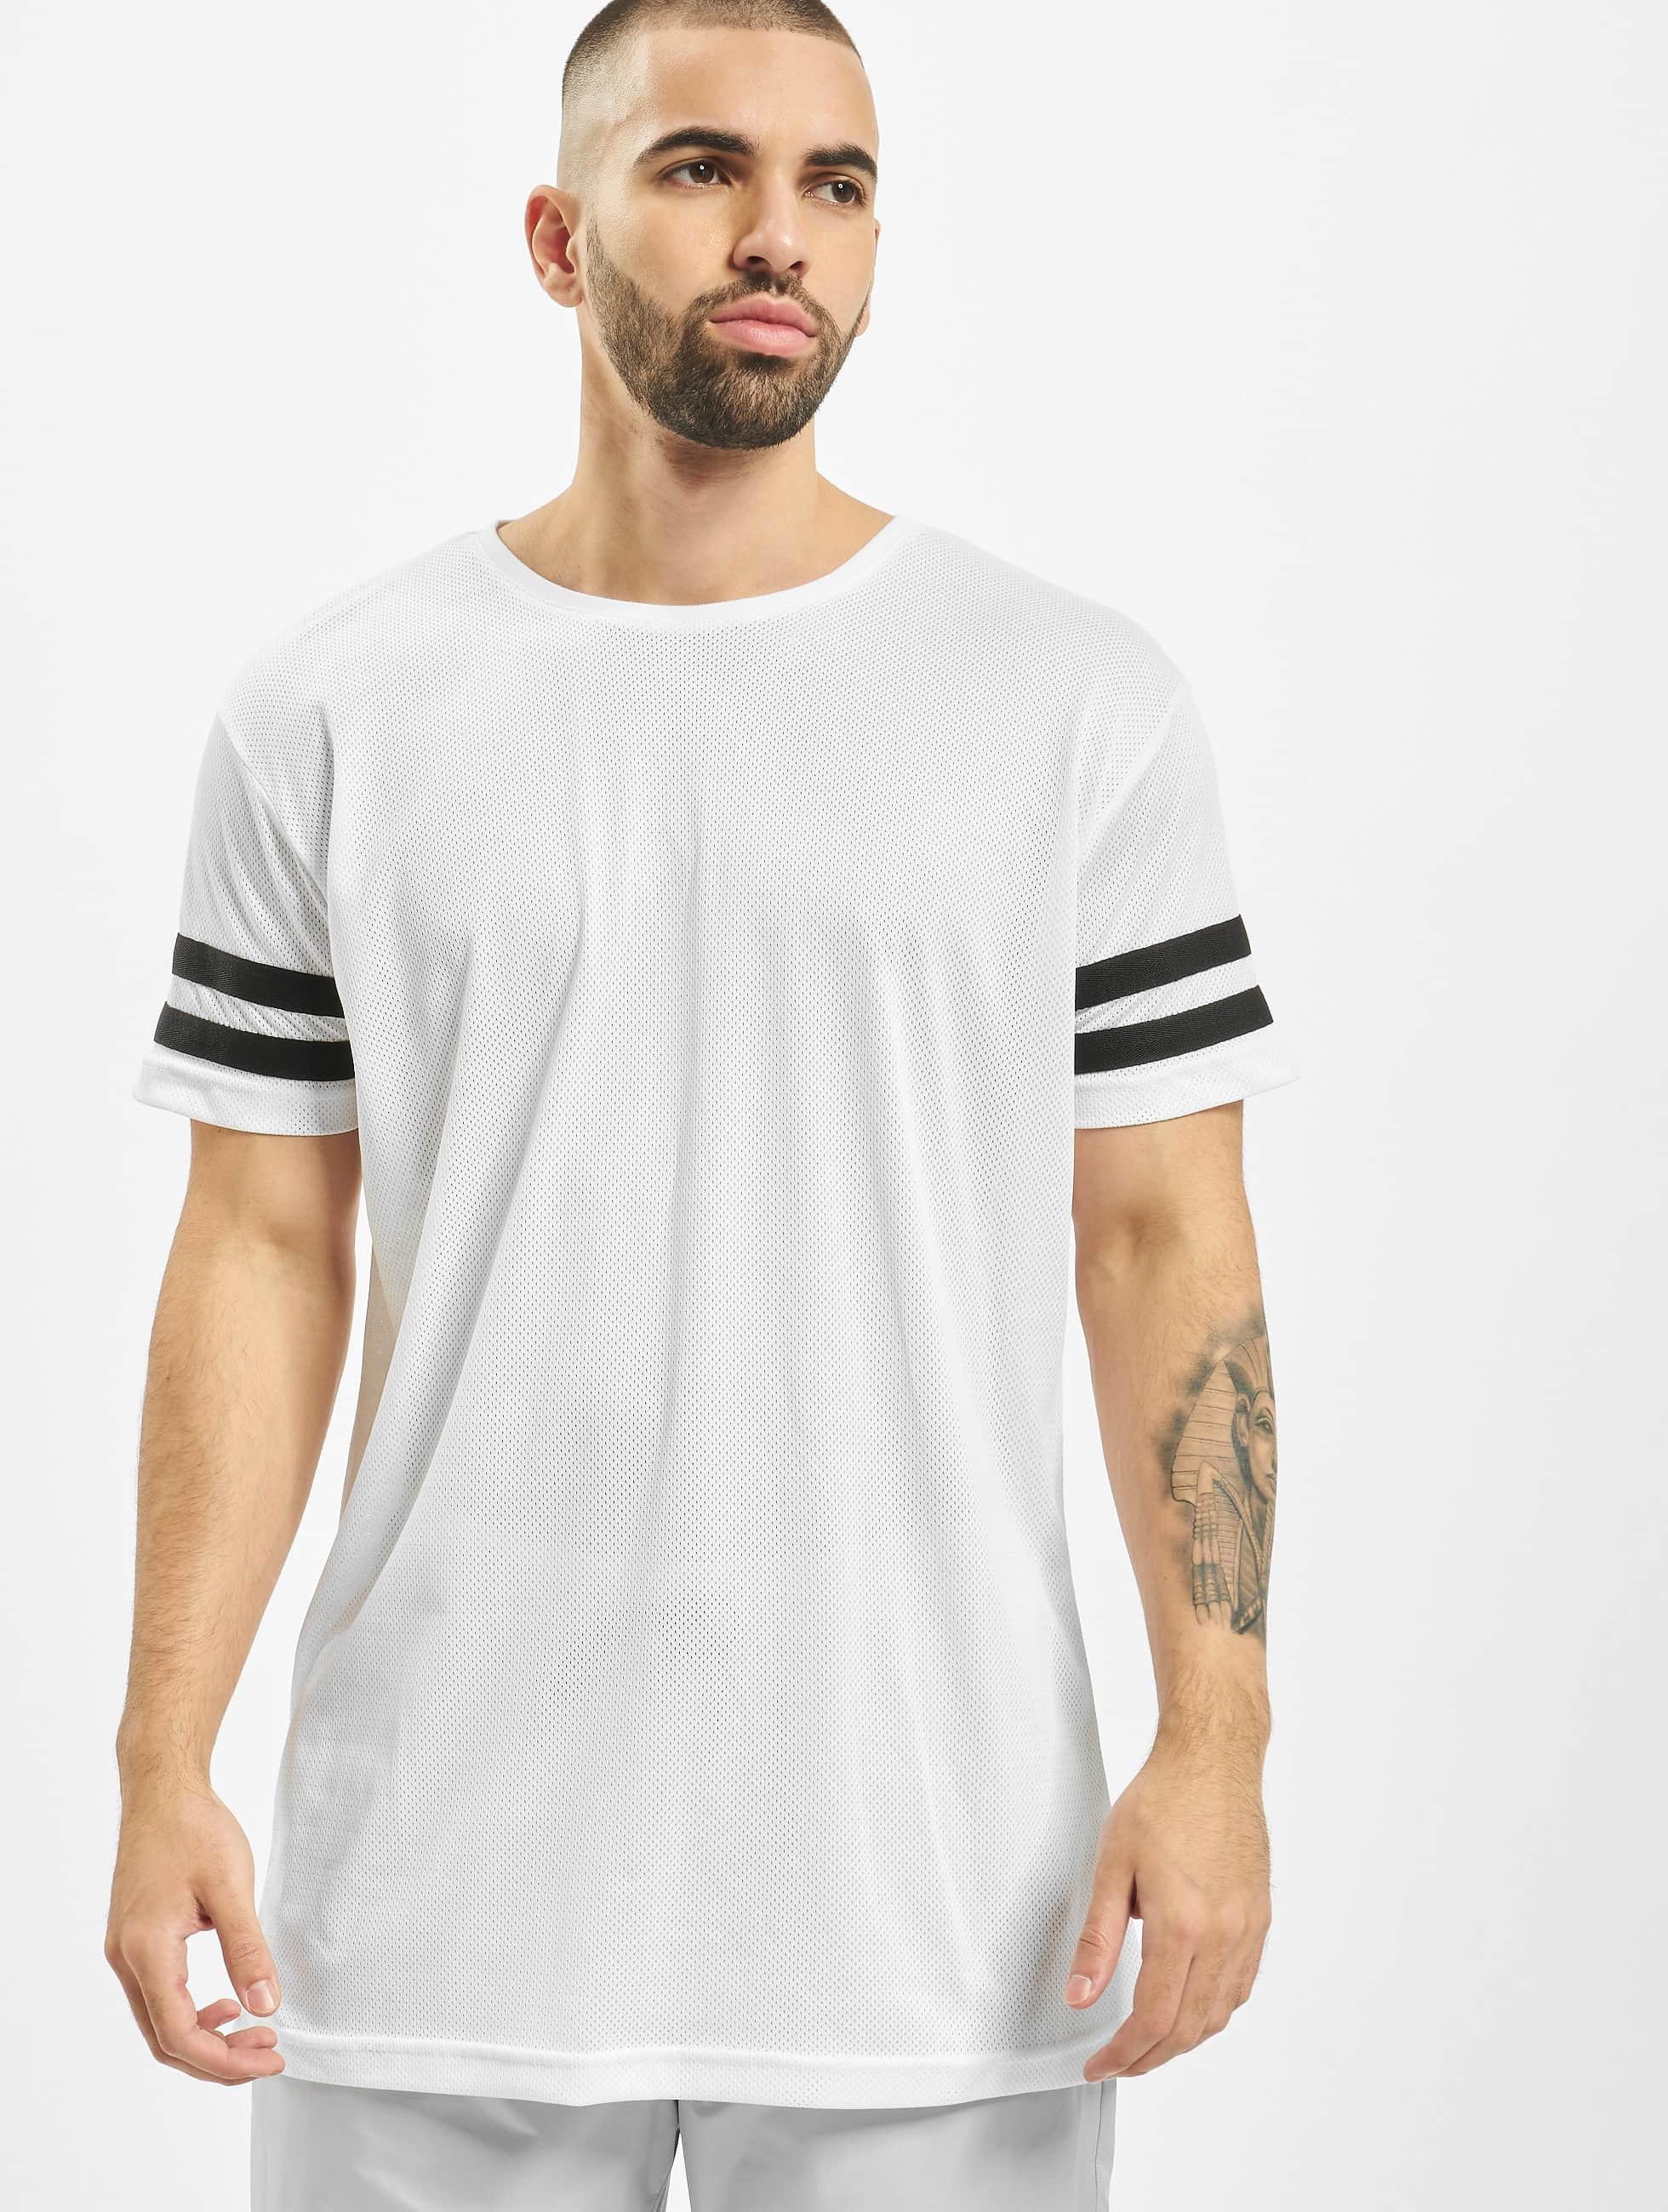 Urban Classics t-shirt Stripe Mesh wit